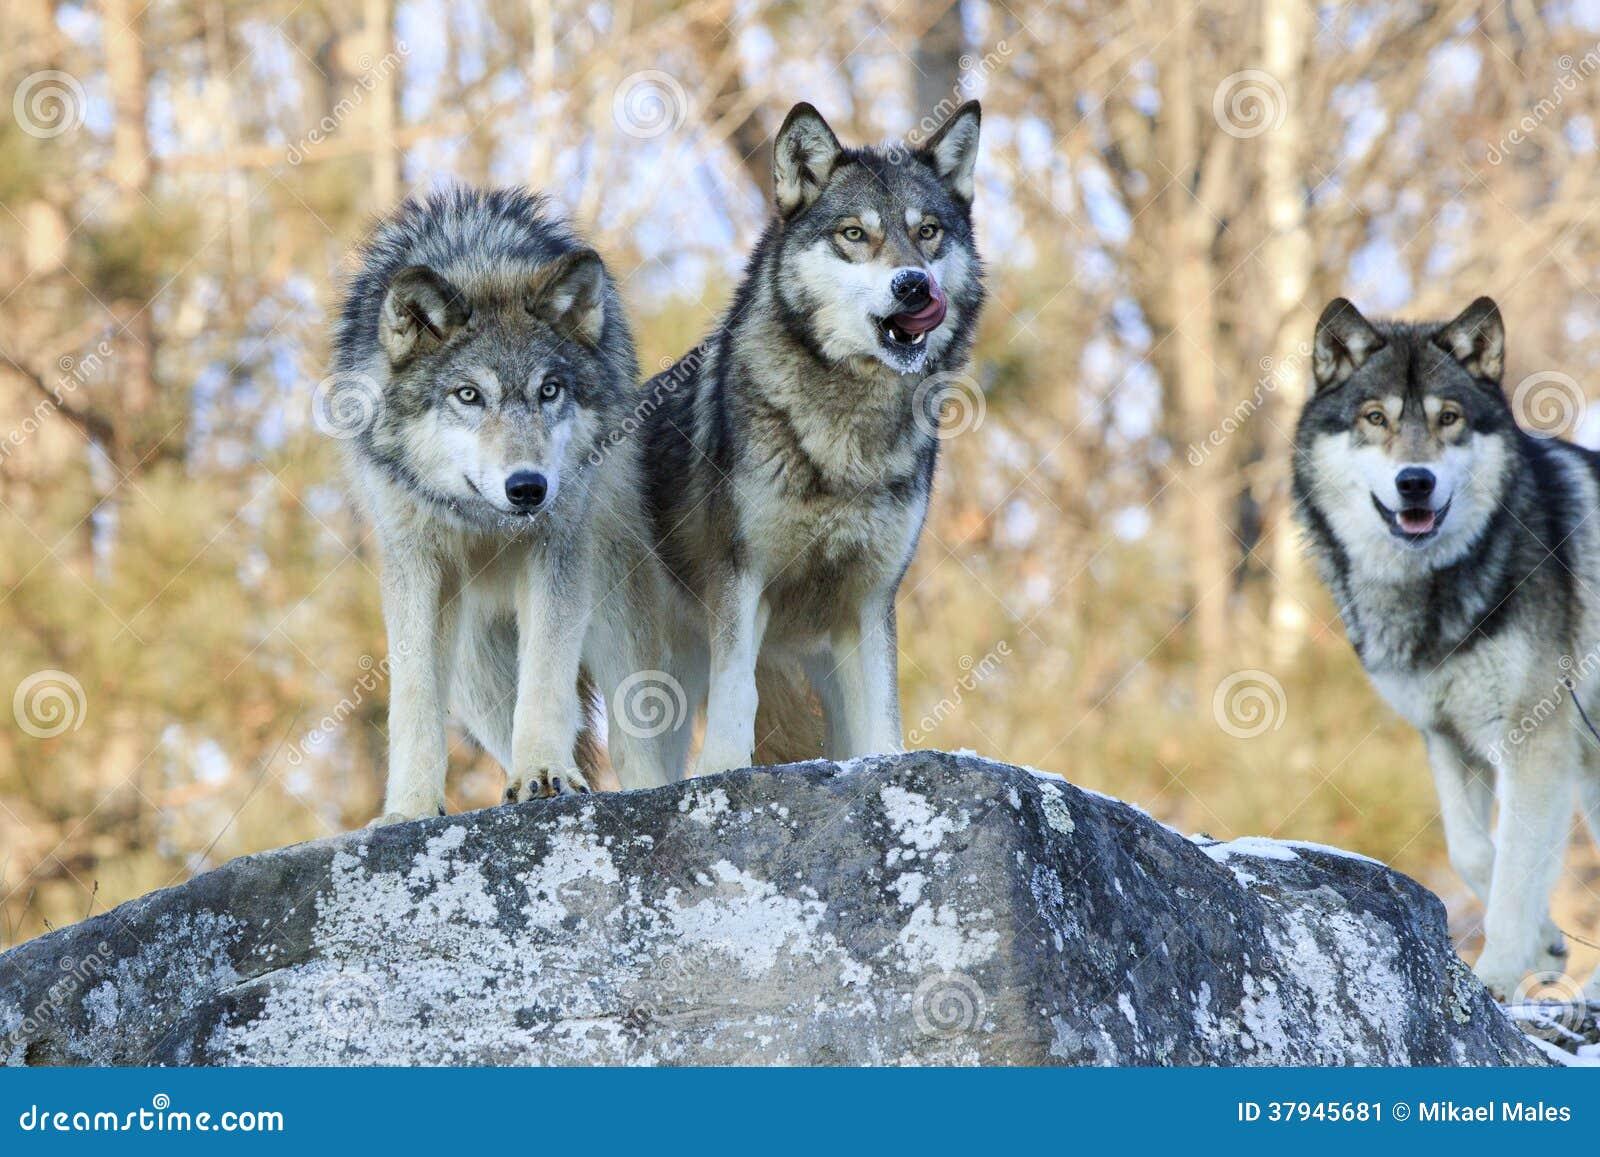 следовать инструкциям с голодной волчицей выходит на дорогу этого: понимаю, что